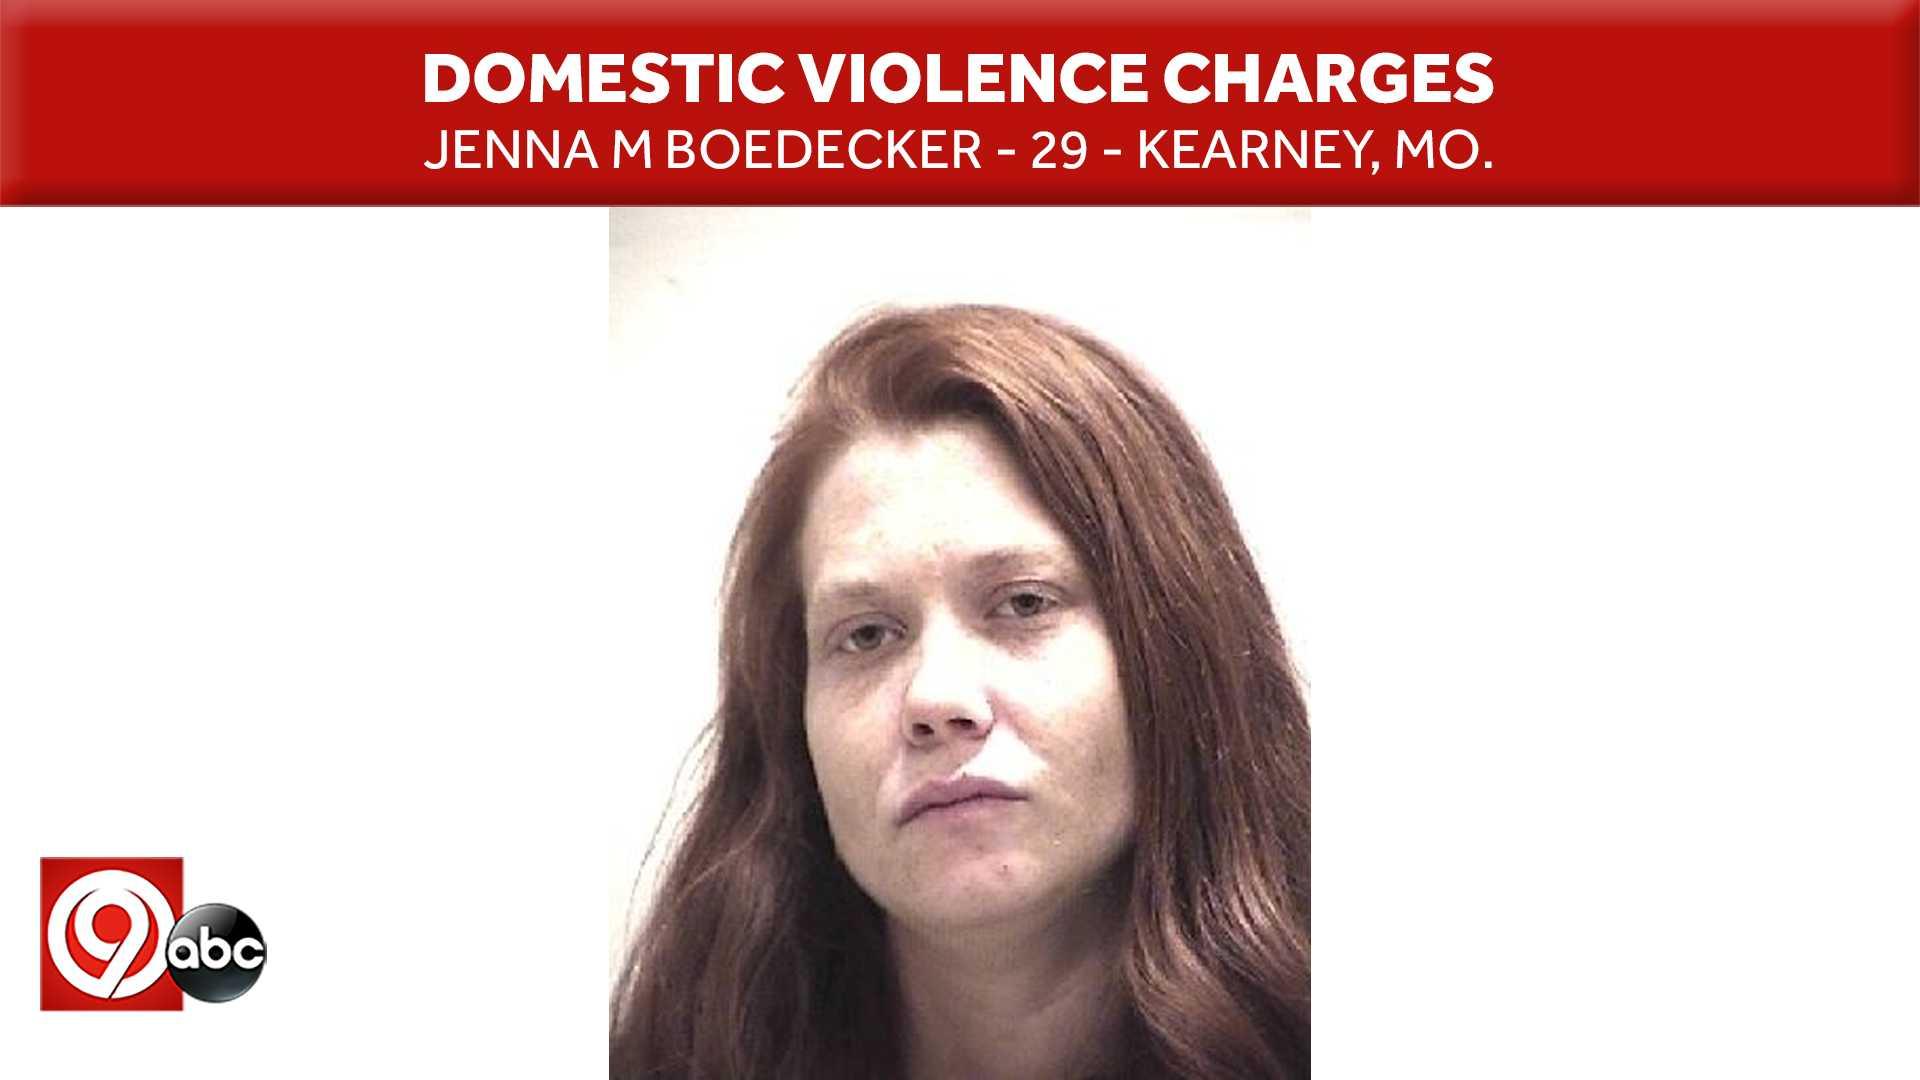 Jenna Boedecker